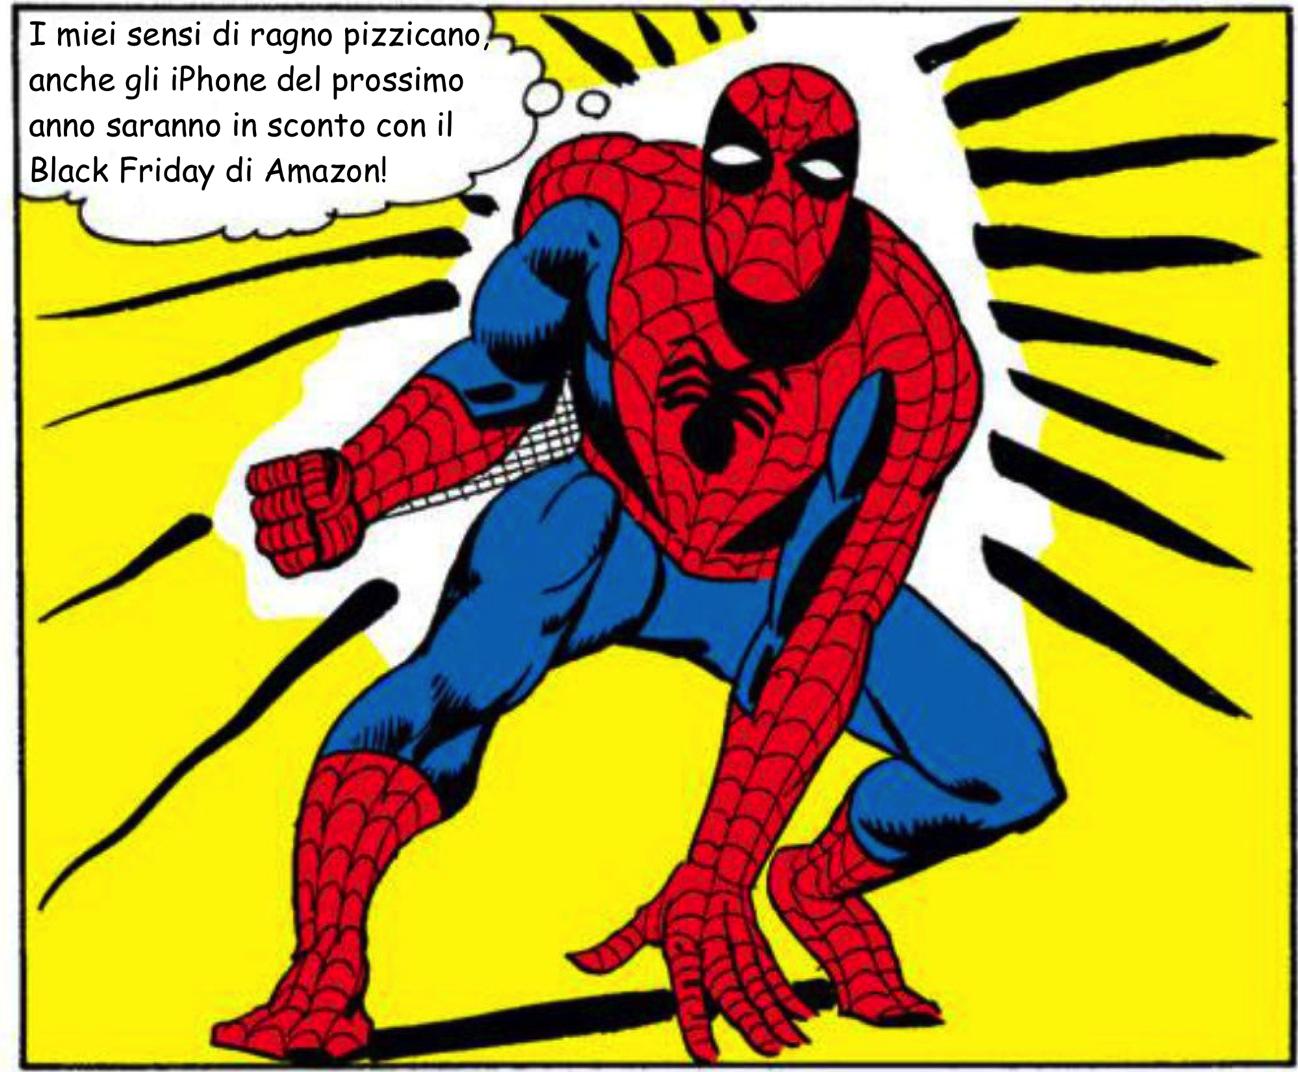 Spider sense iphone